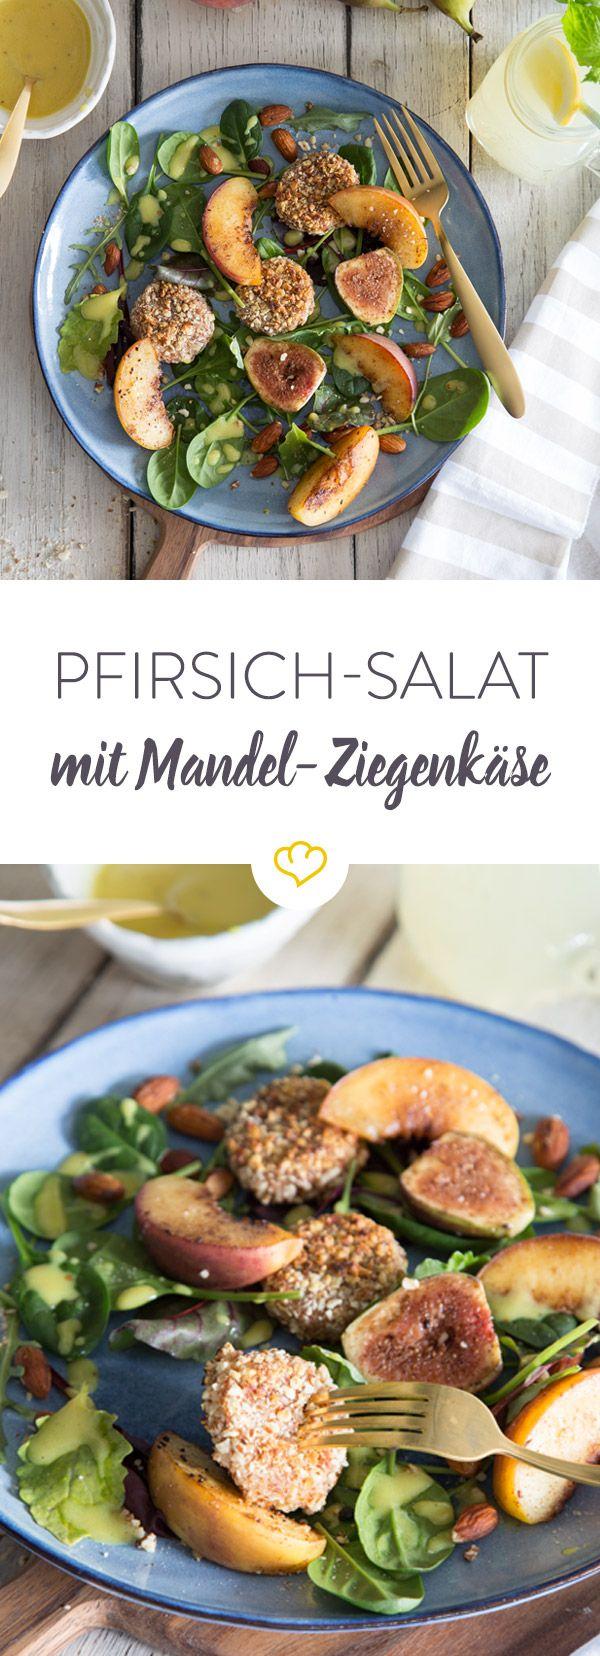 Wie cremiger Ziegenkäse am besten schmeckt? Mit krosser Mandel-Panade, zusammen mit warmen Pfirsichen, frischen Feigen und Honig-Senf-Dressing.